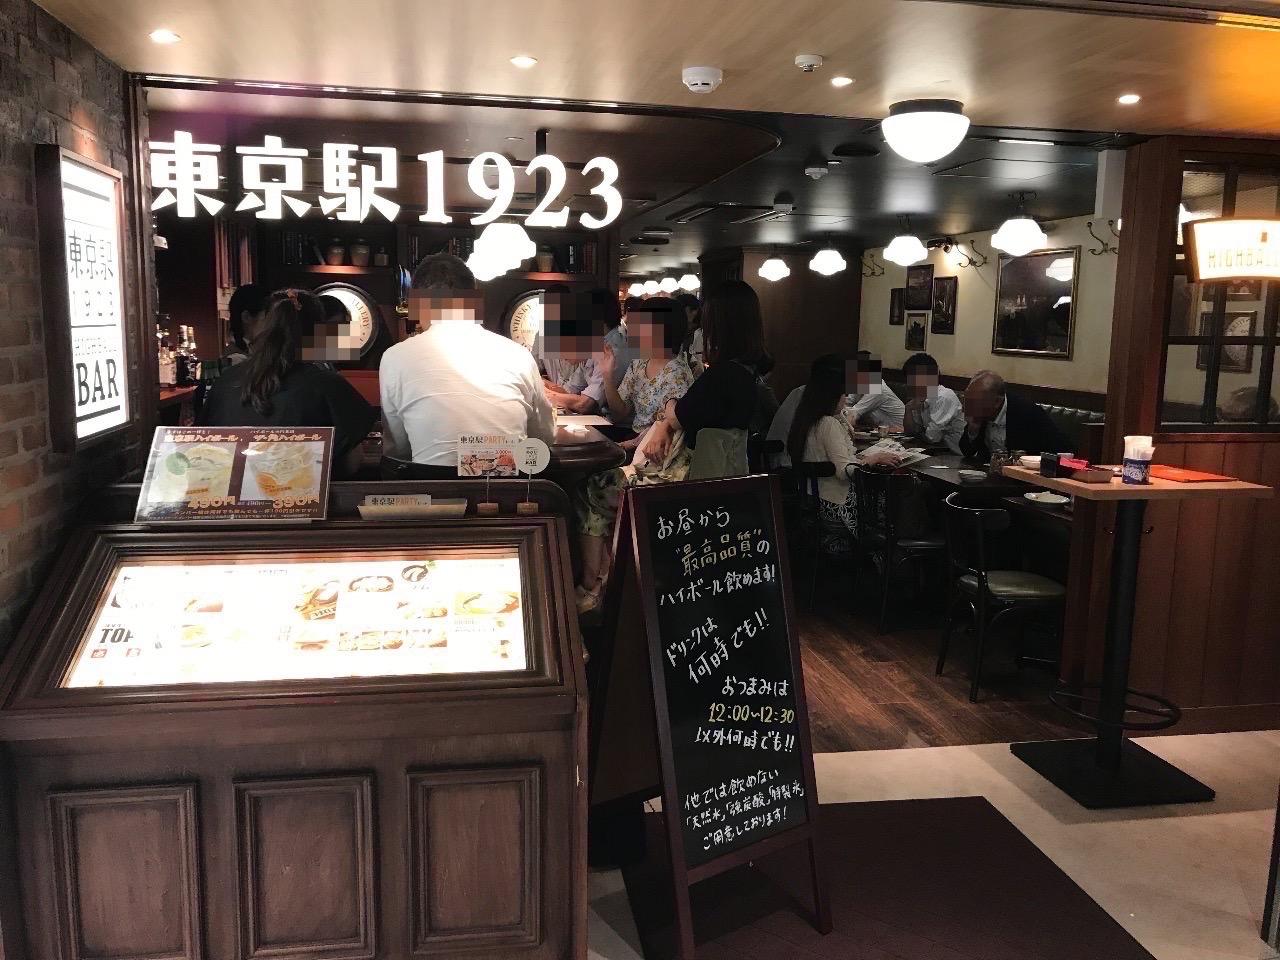 ハイボールバー東京駅 1923 19